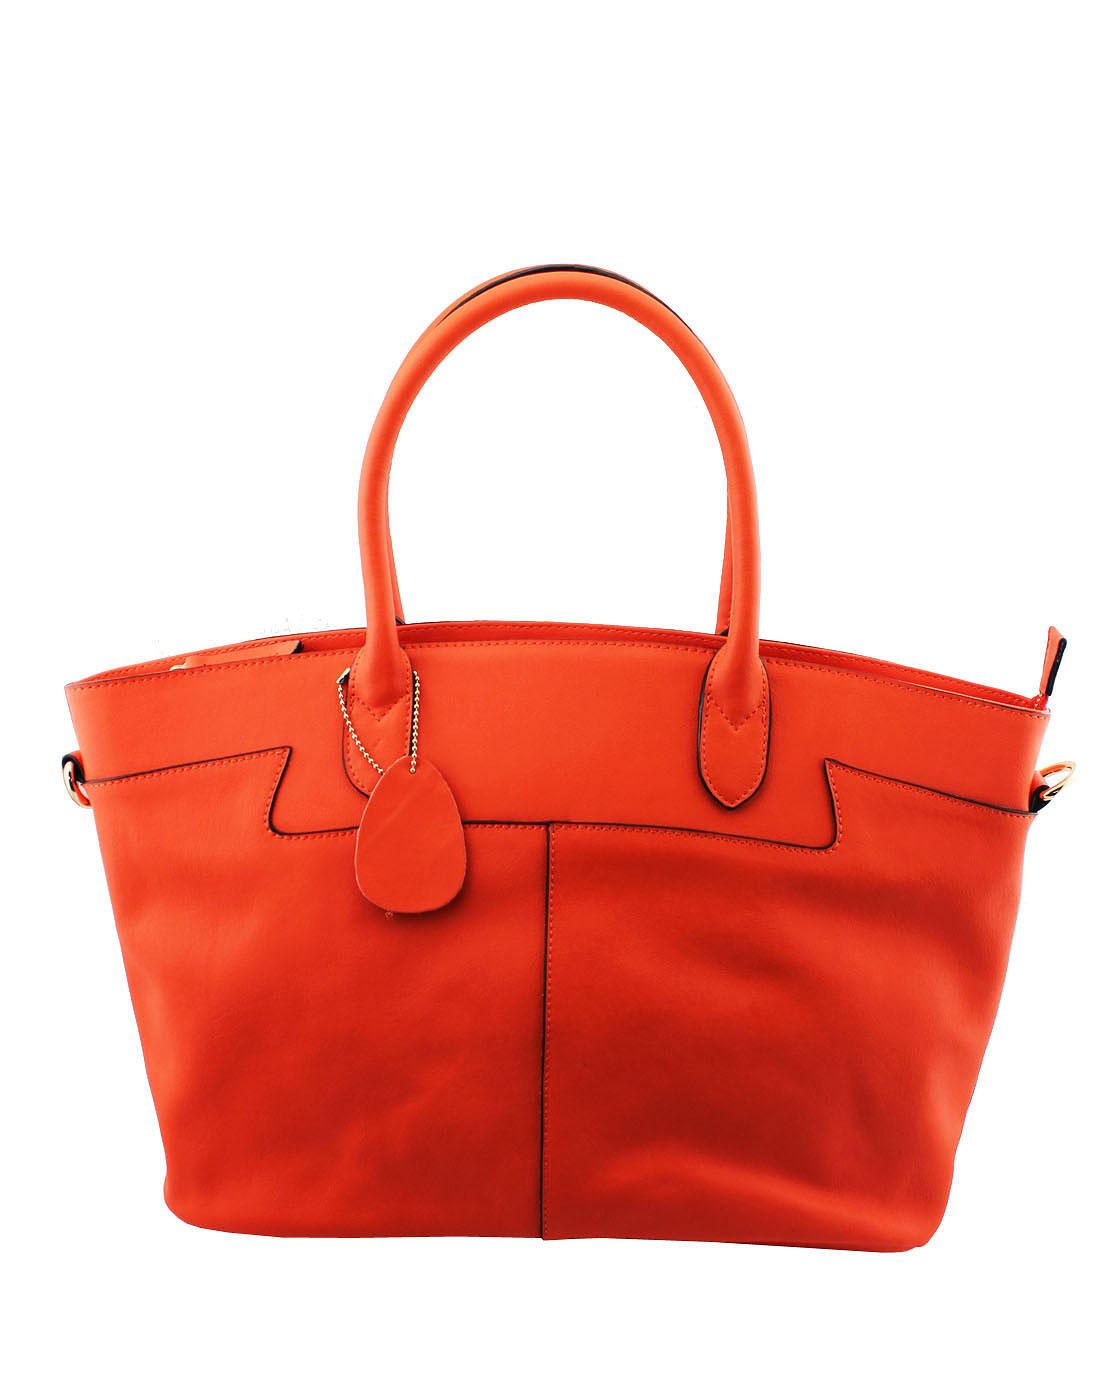 橘红色牛皮手提包